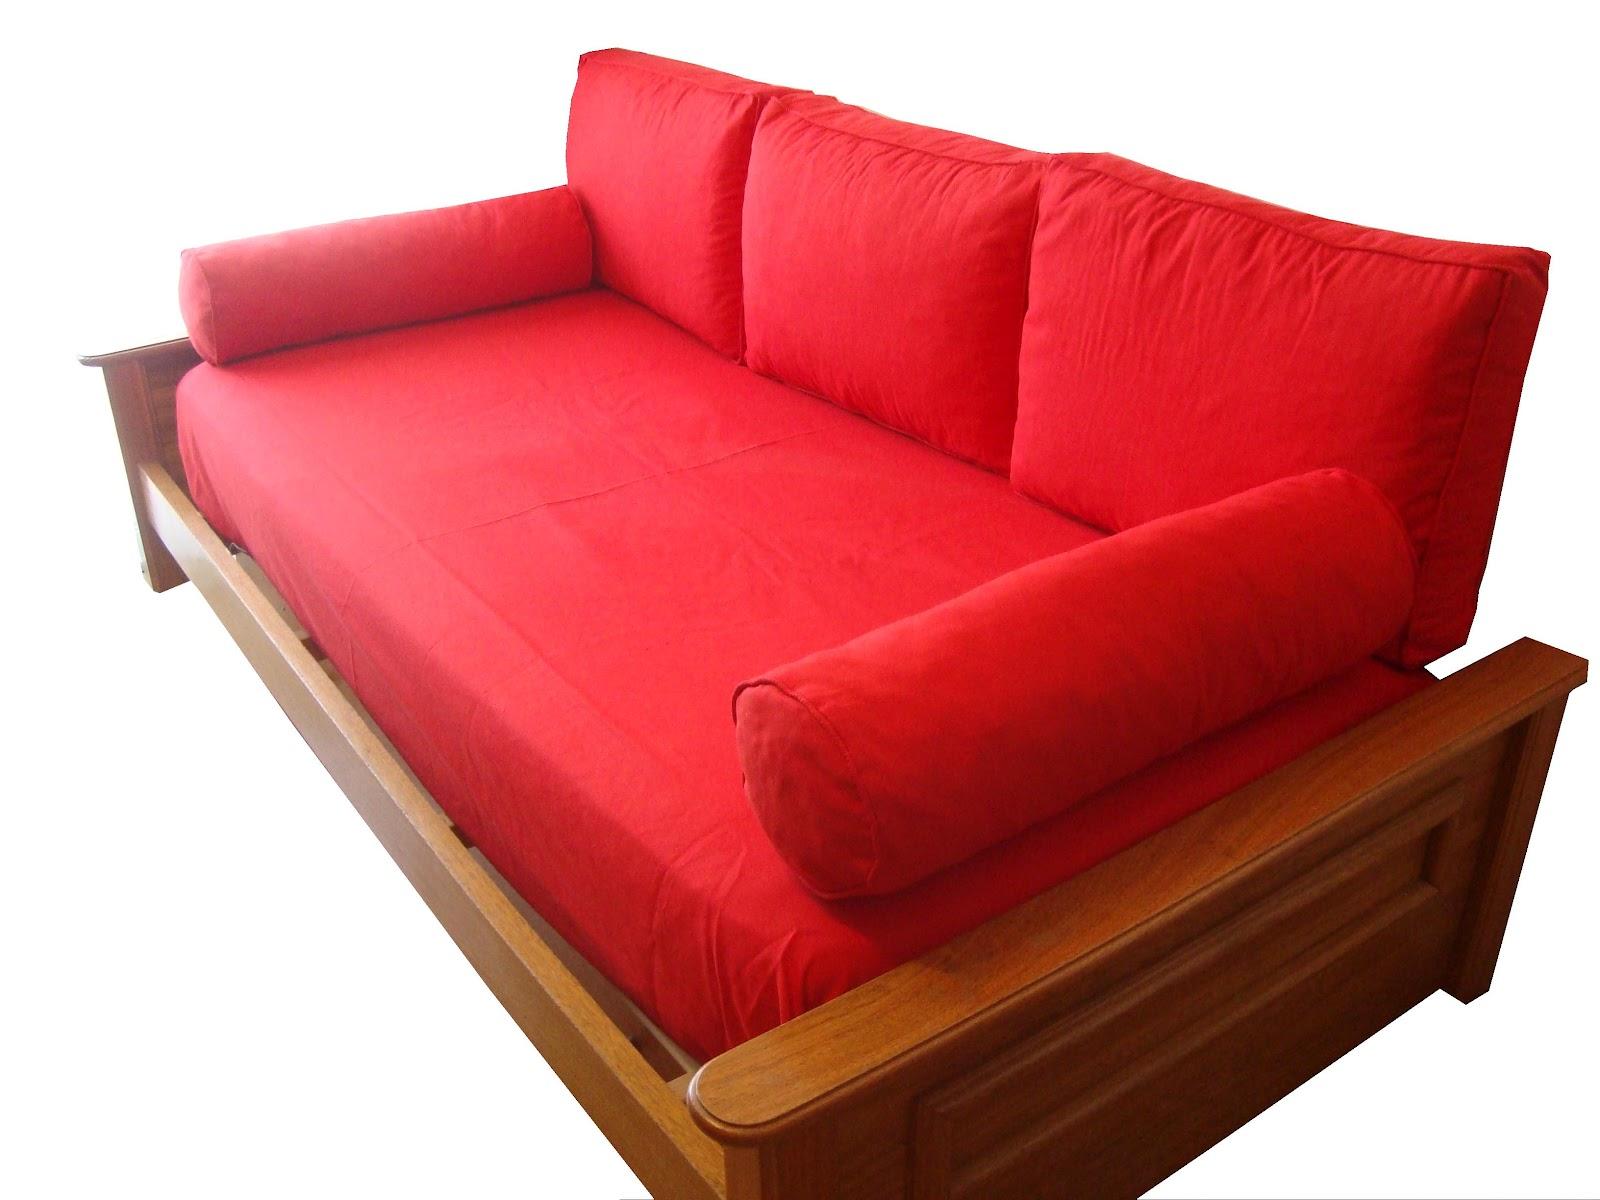 Fundas Para Un Sofa Cama Large Modern Corner Sofas Uk Vändeco Design Kits De Y Almohadones